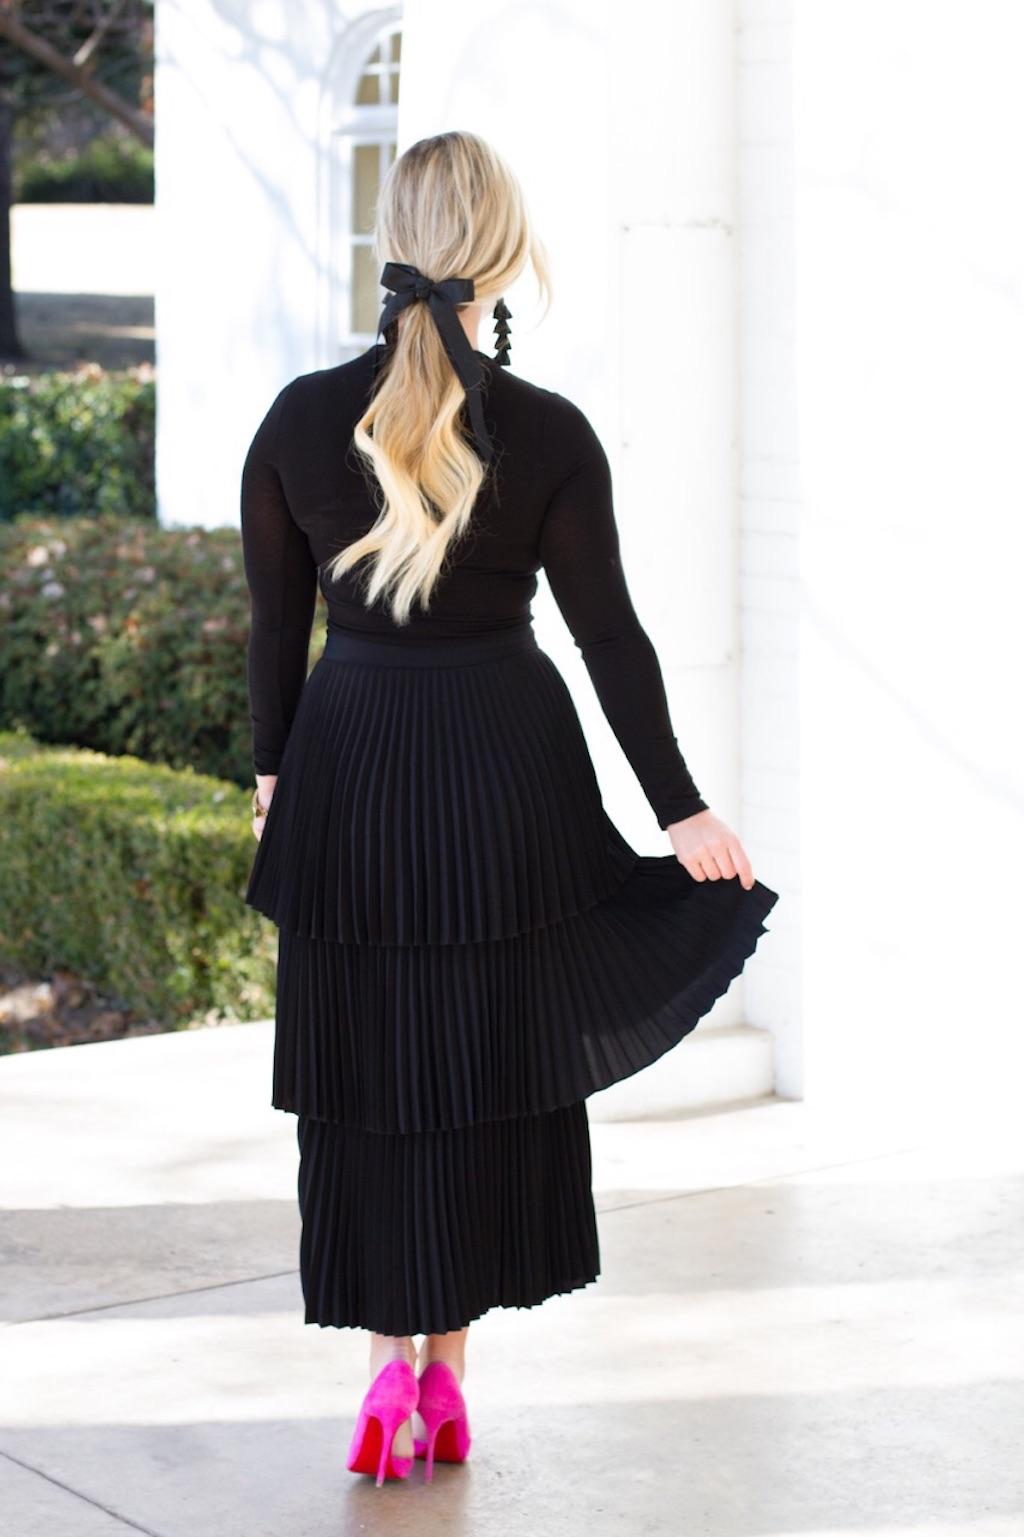 Black Tiered Pleated Skirt | The Darling Petite Diva | Nicole Kirk